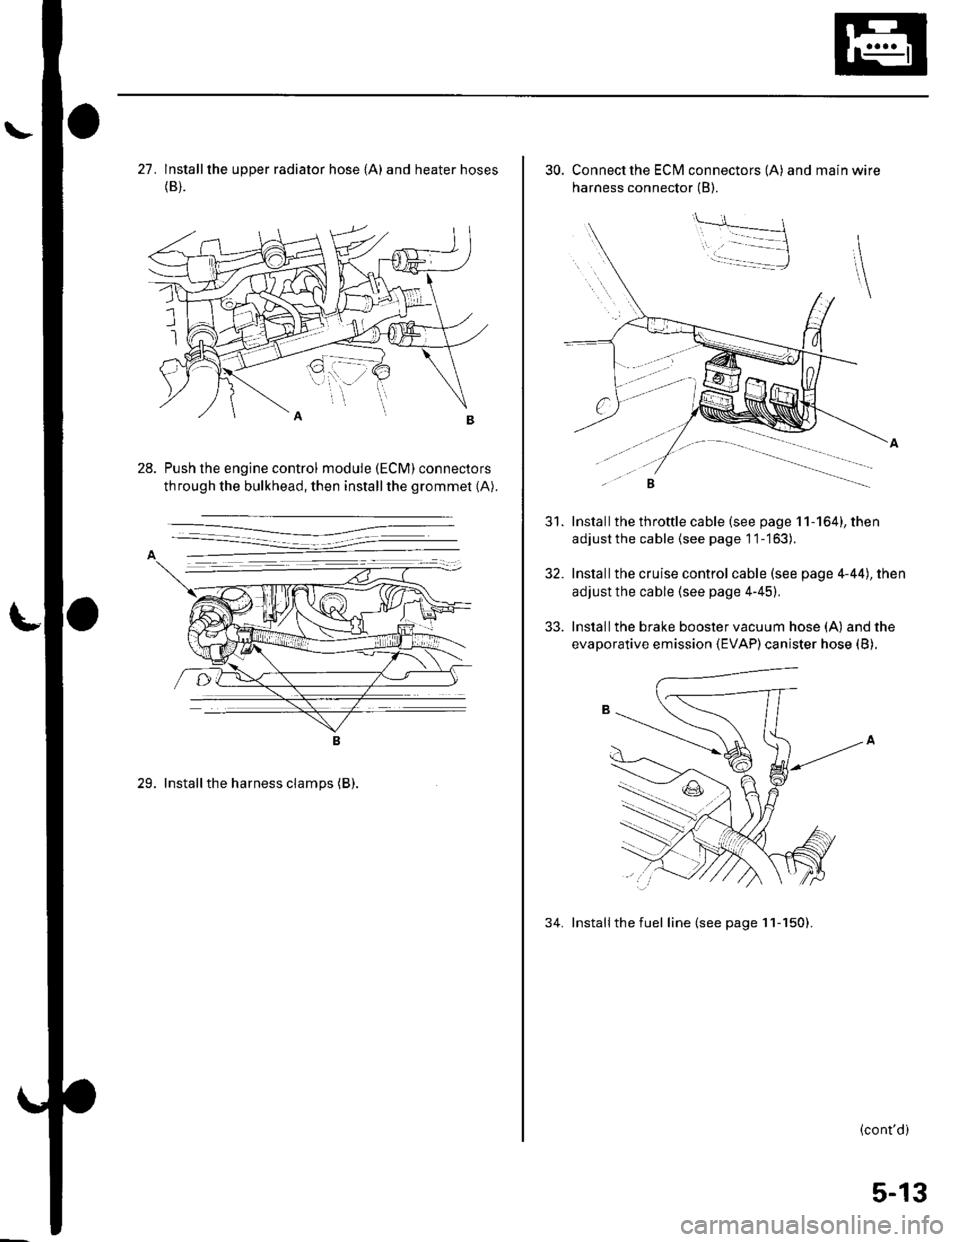 honda civic 2002 7 g workshop manual